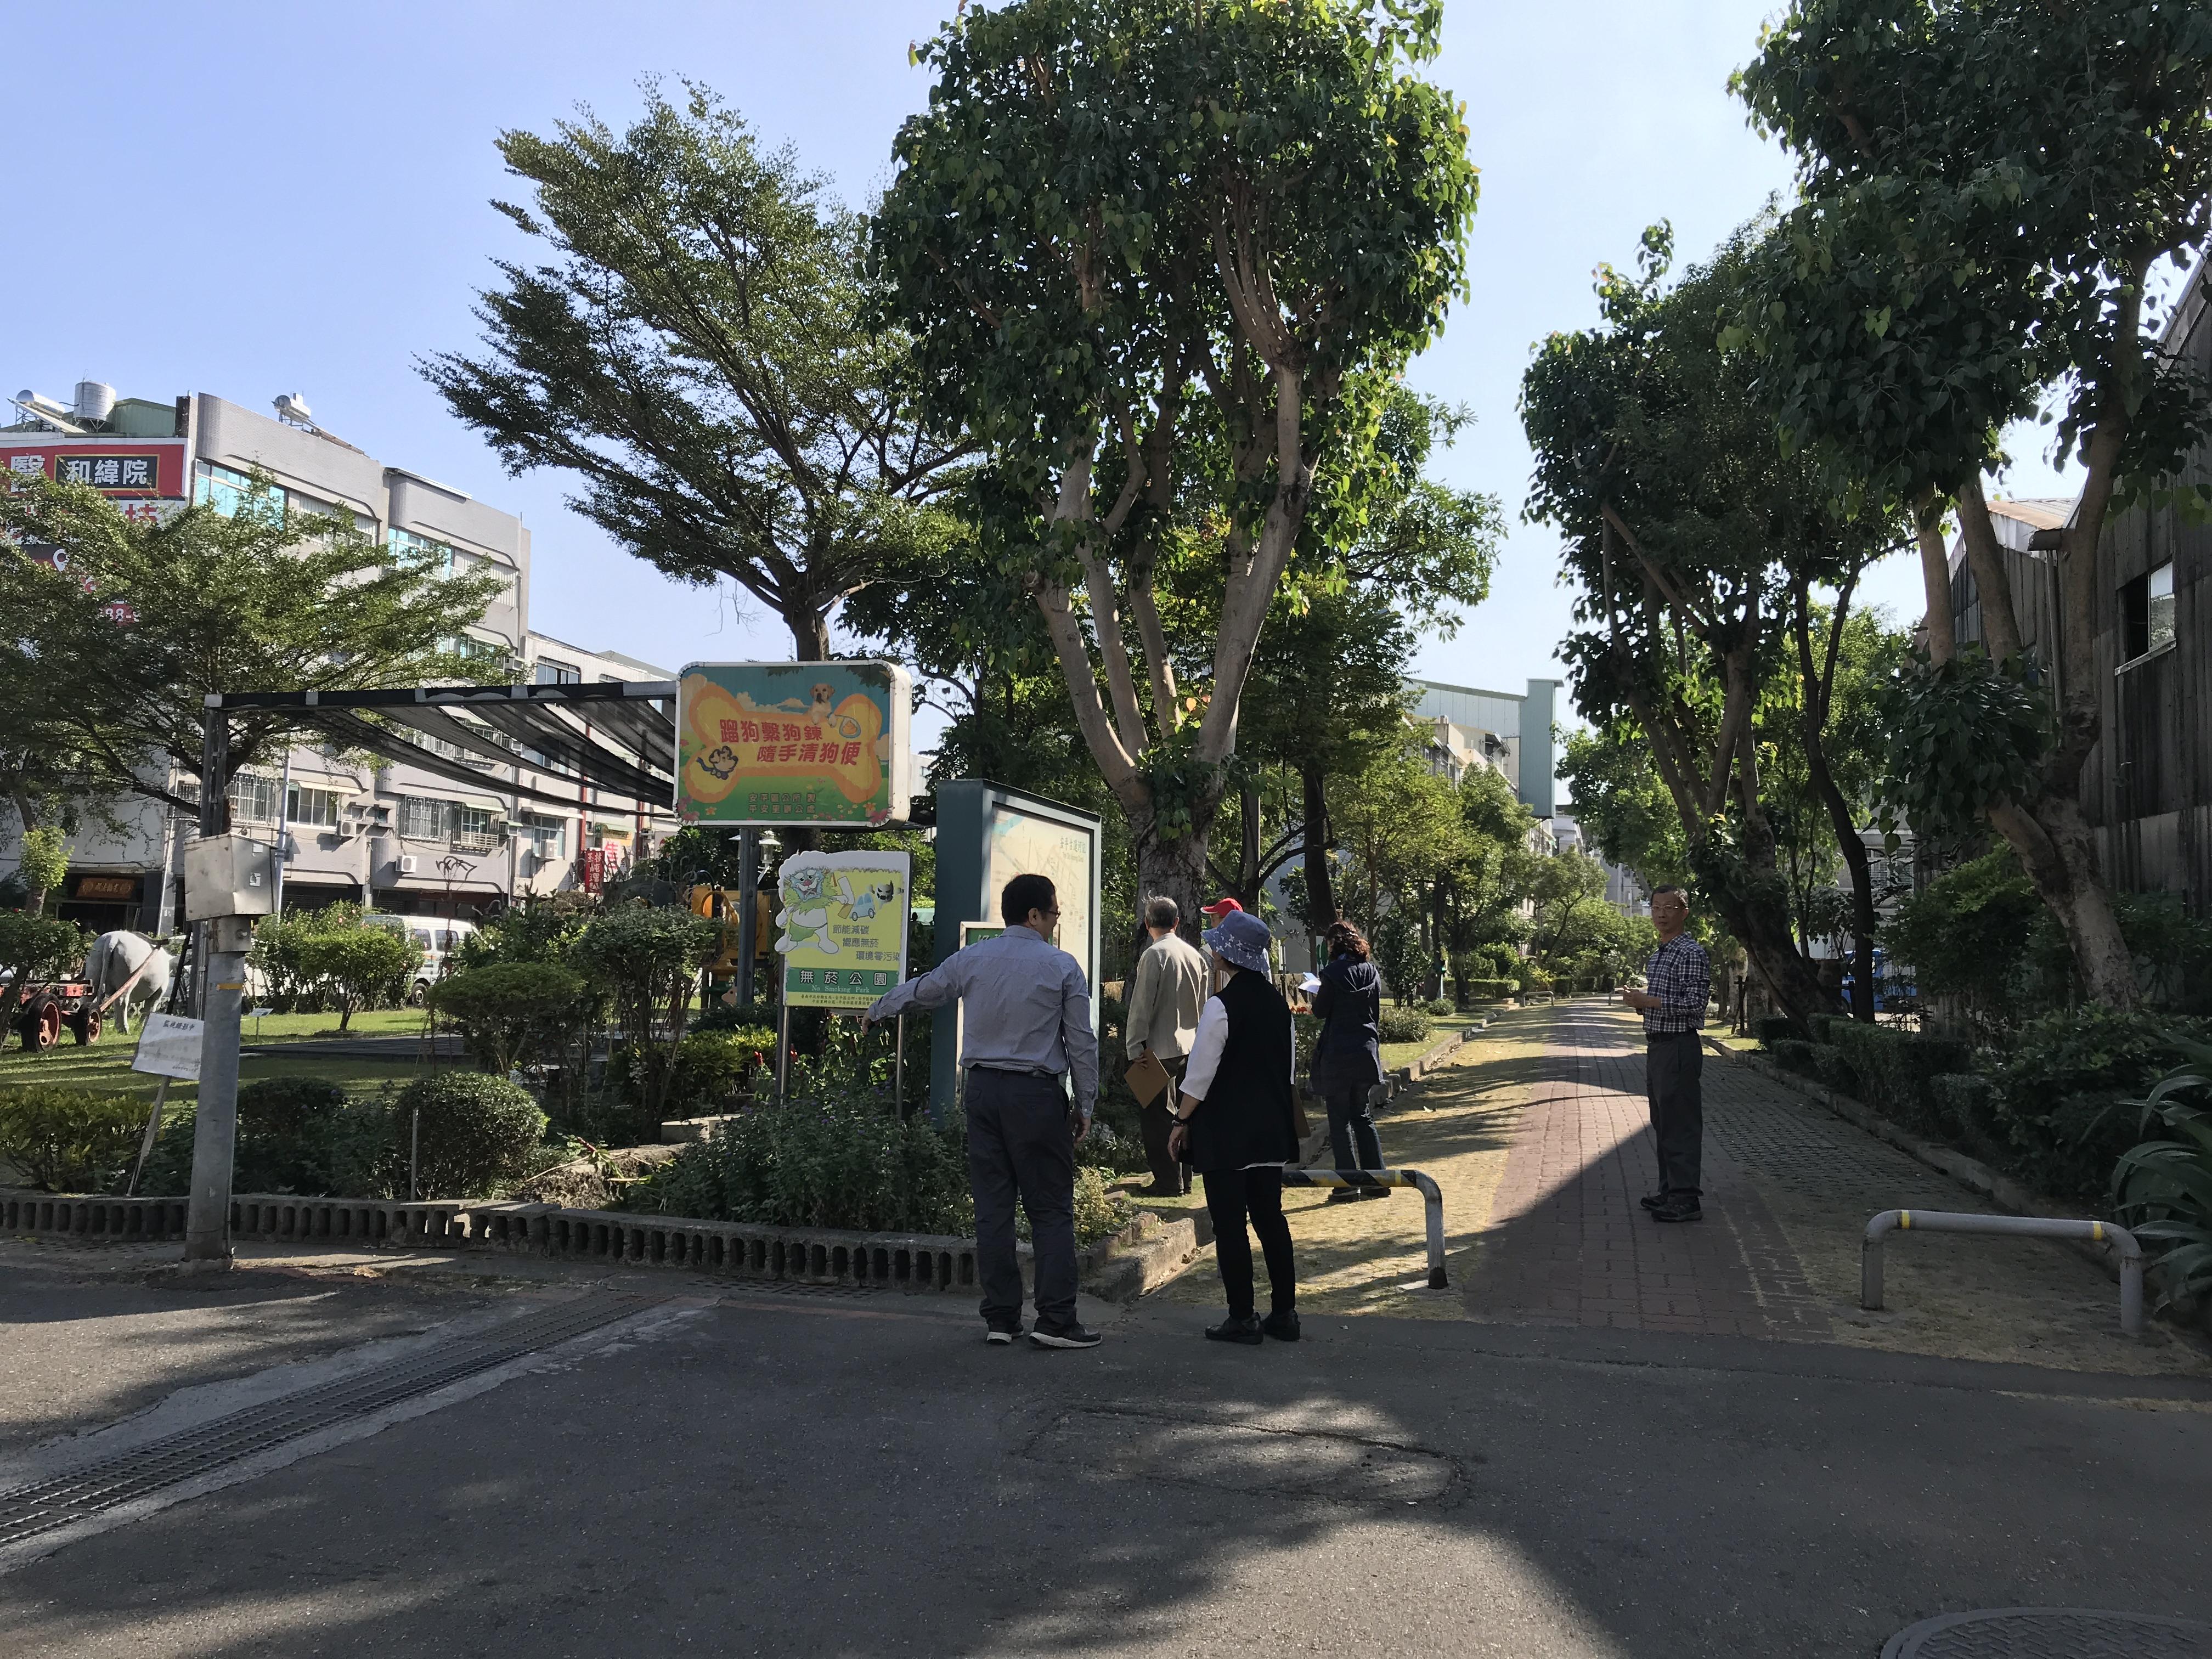 公共及社區景觀類第四名-安平區公所「古運河綠色隧道」